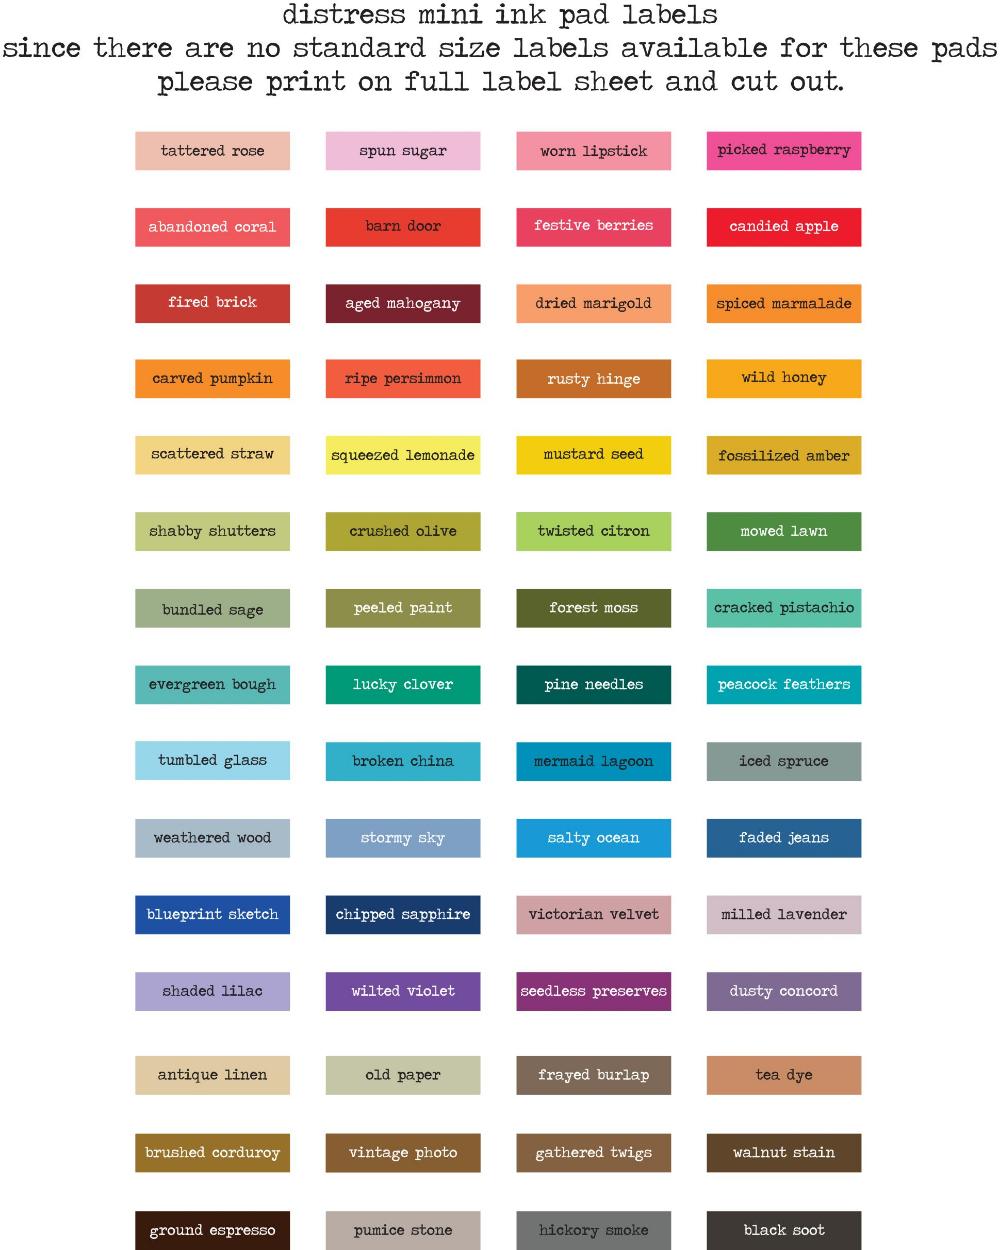 Tim Holtz Distress Oxide Ink Labels